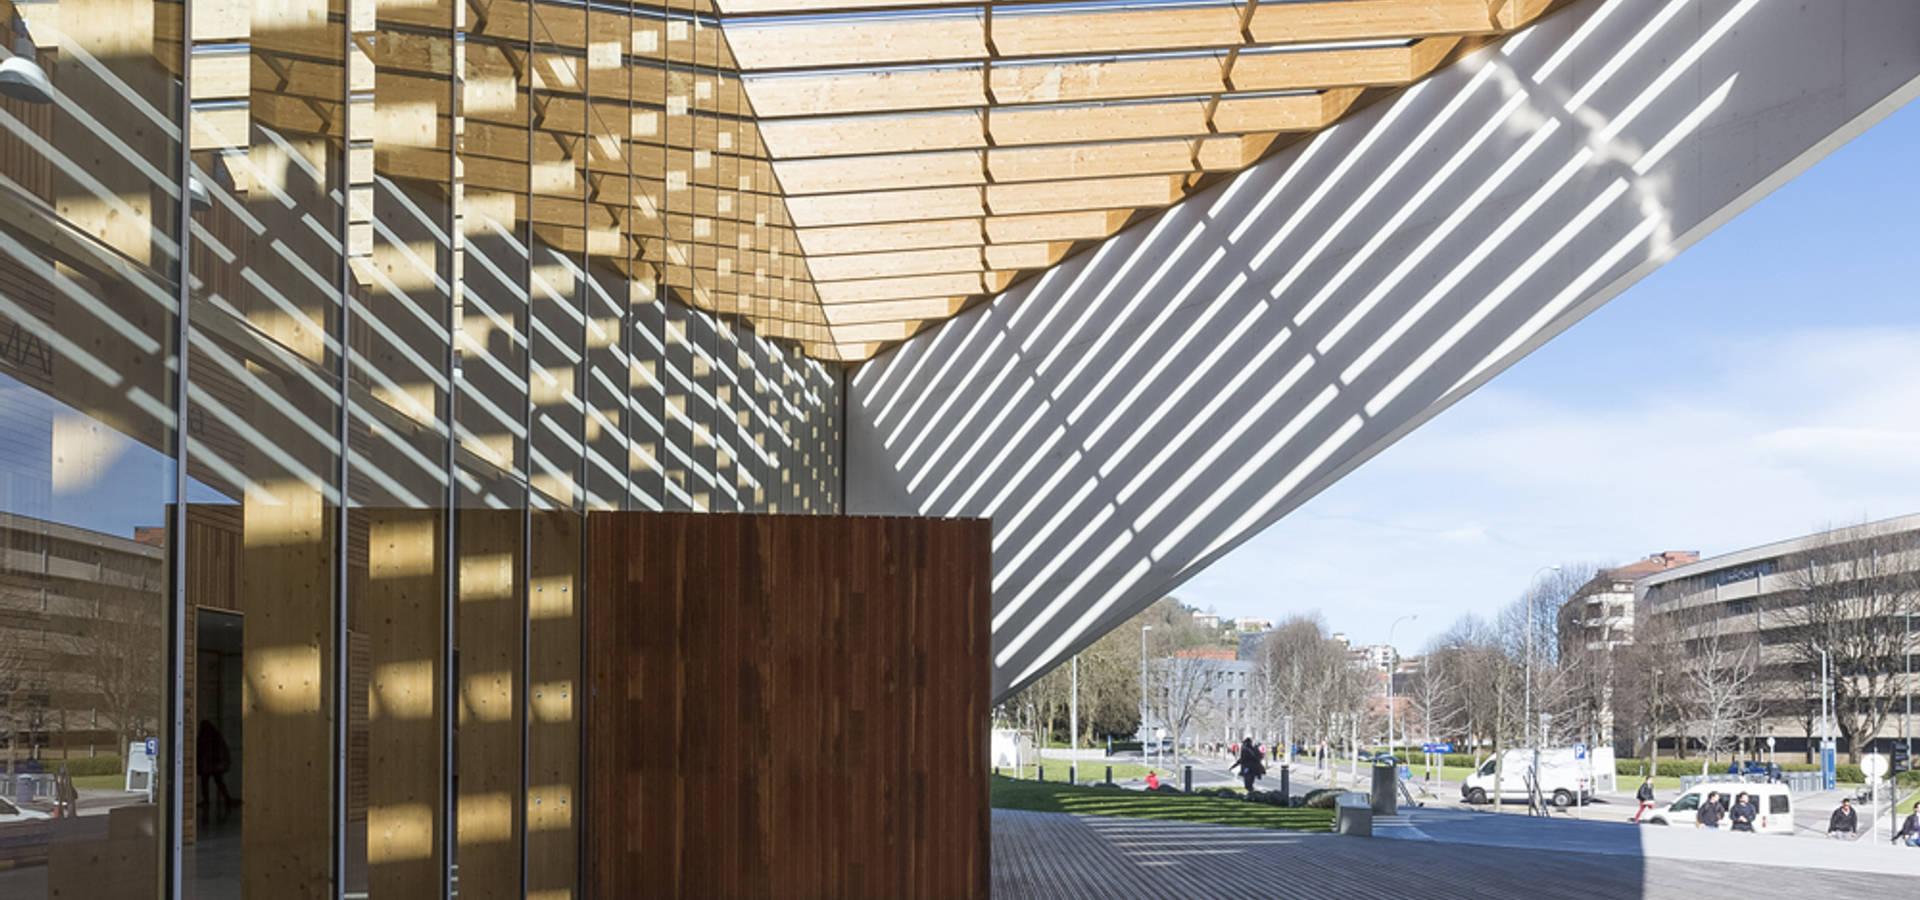 Jaam sociedad de arquitectura arquitectos en bilbao homify - Arquitectos en bilbao ...